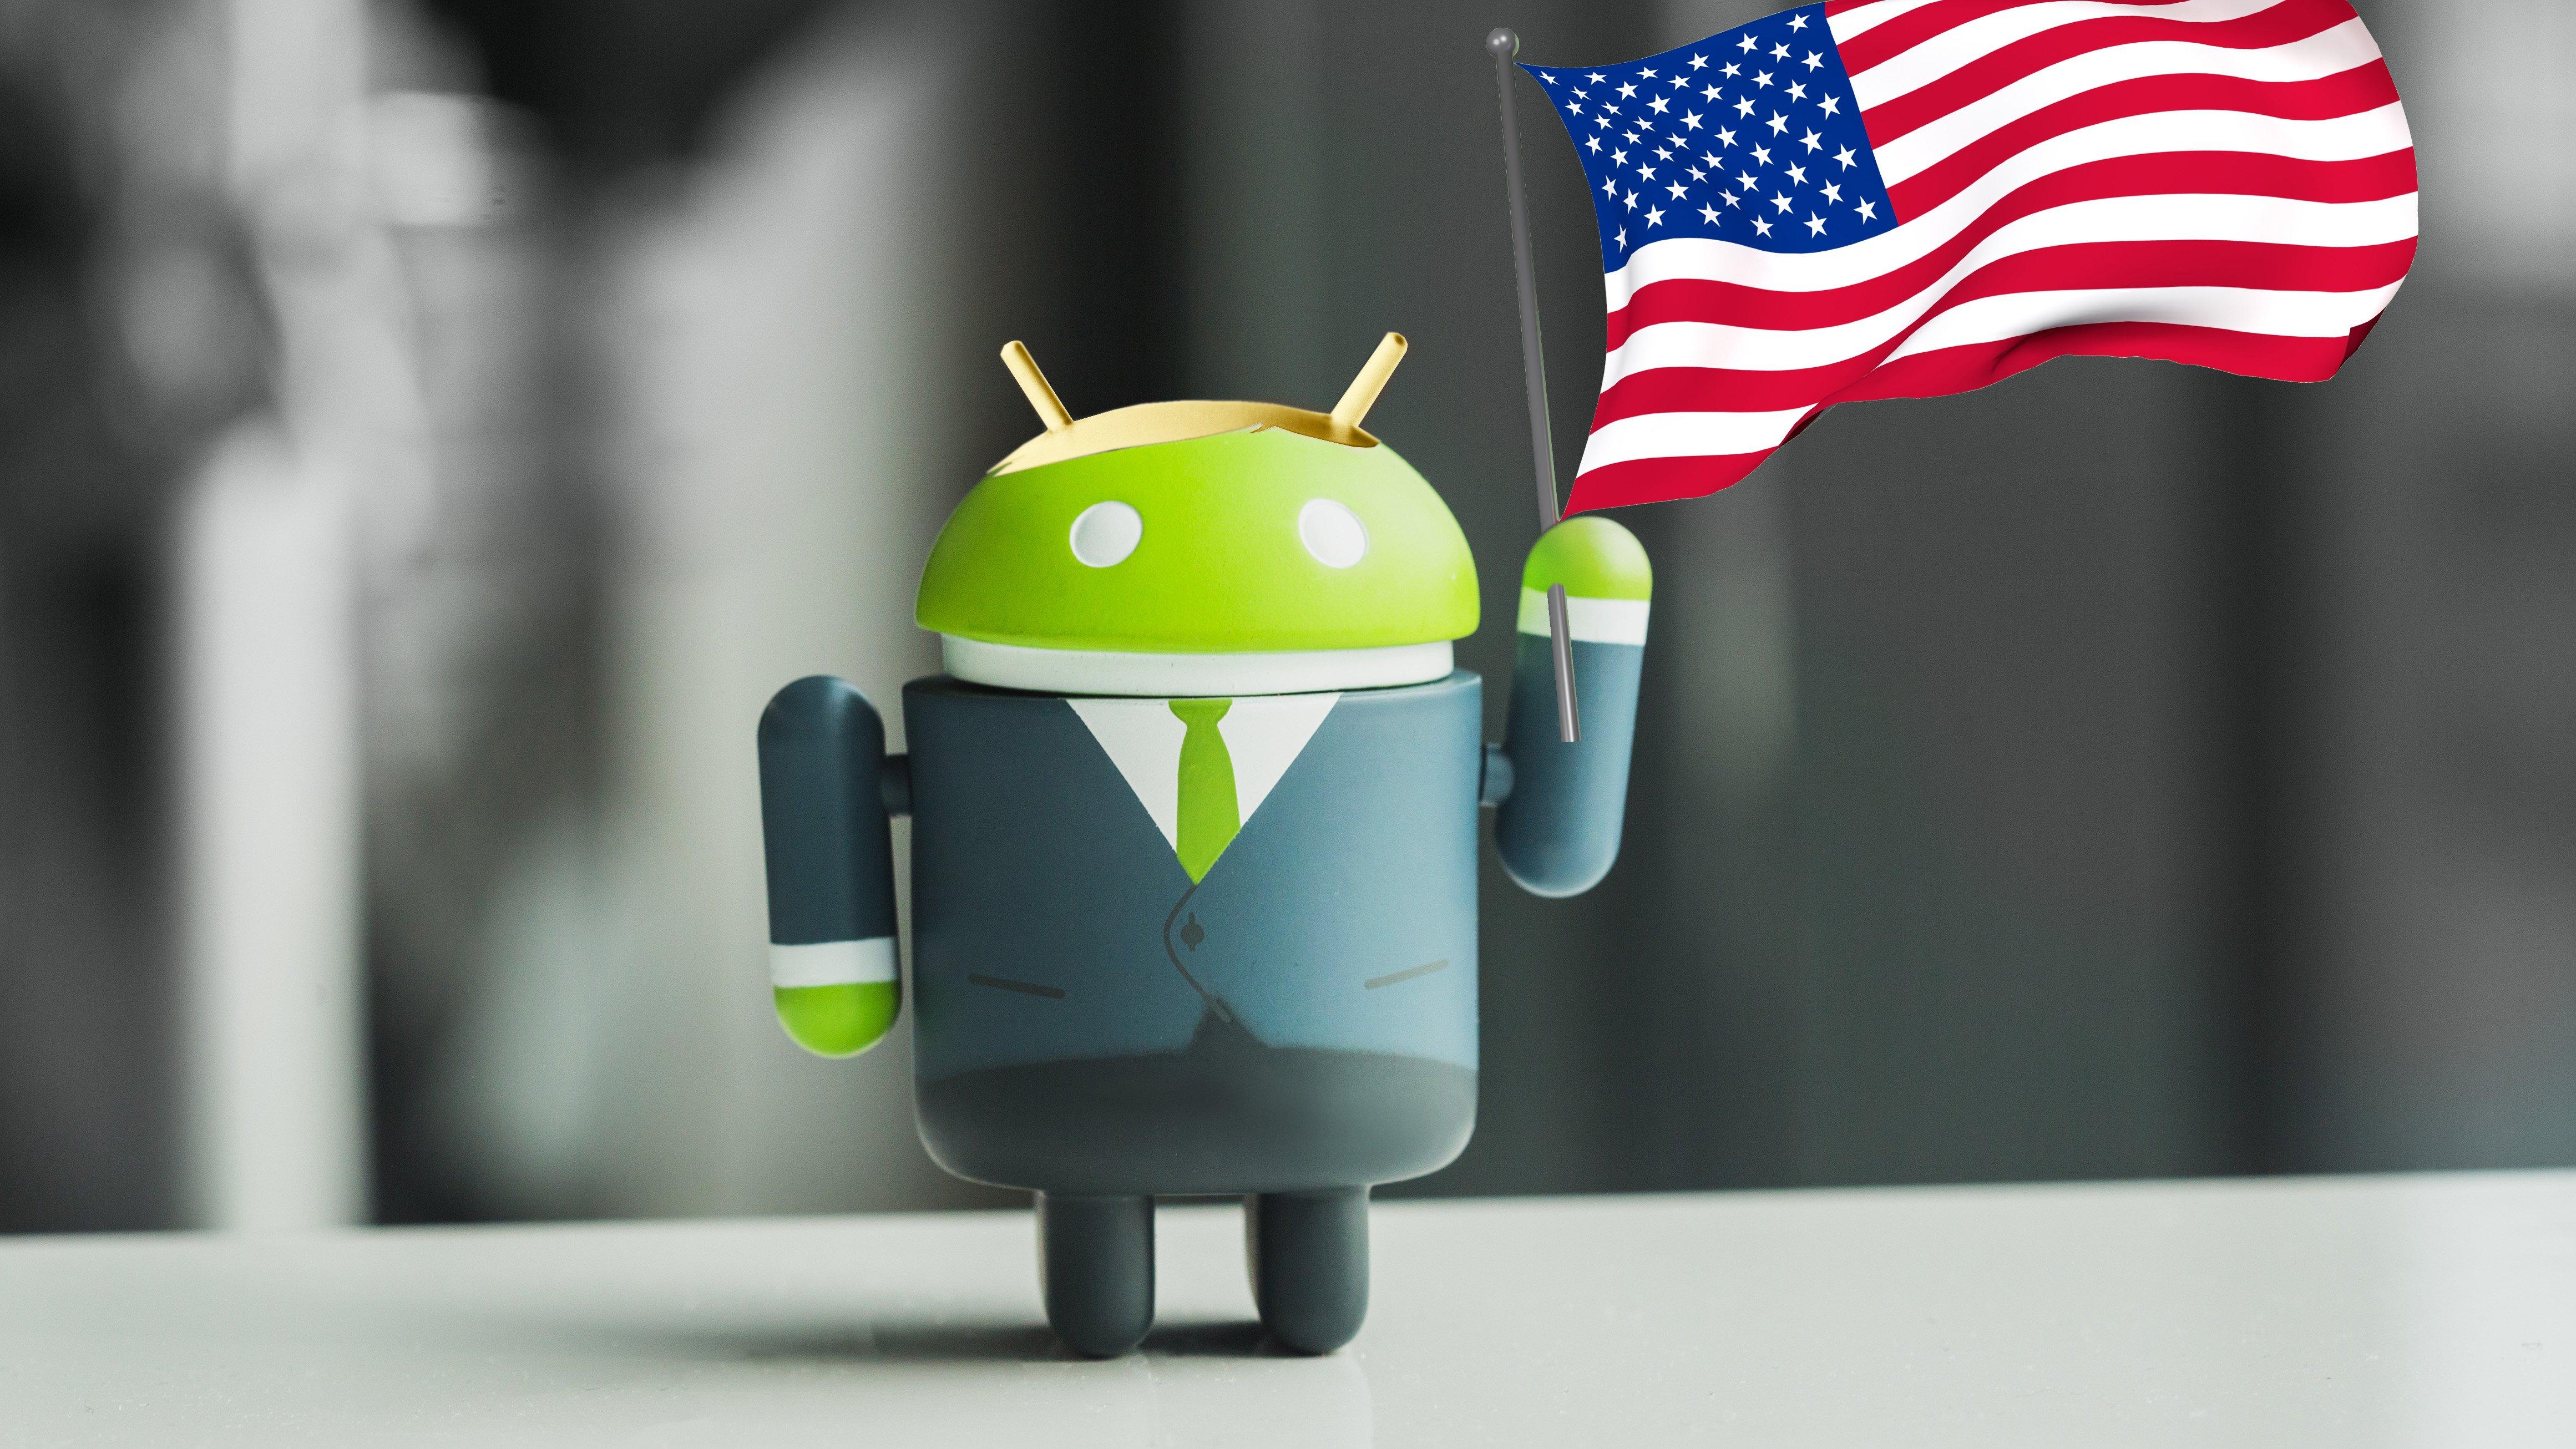 """Trump: """"Huawei ist sehr gefährlich"""" - und trotzdem bald wieder erlaubt?"""